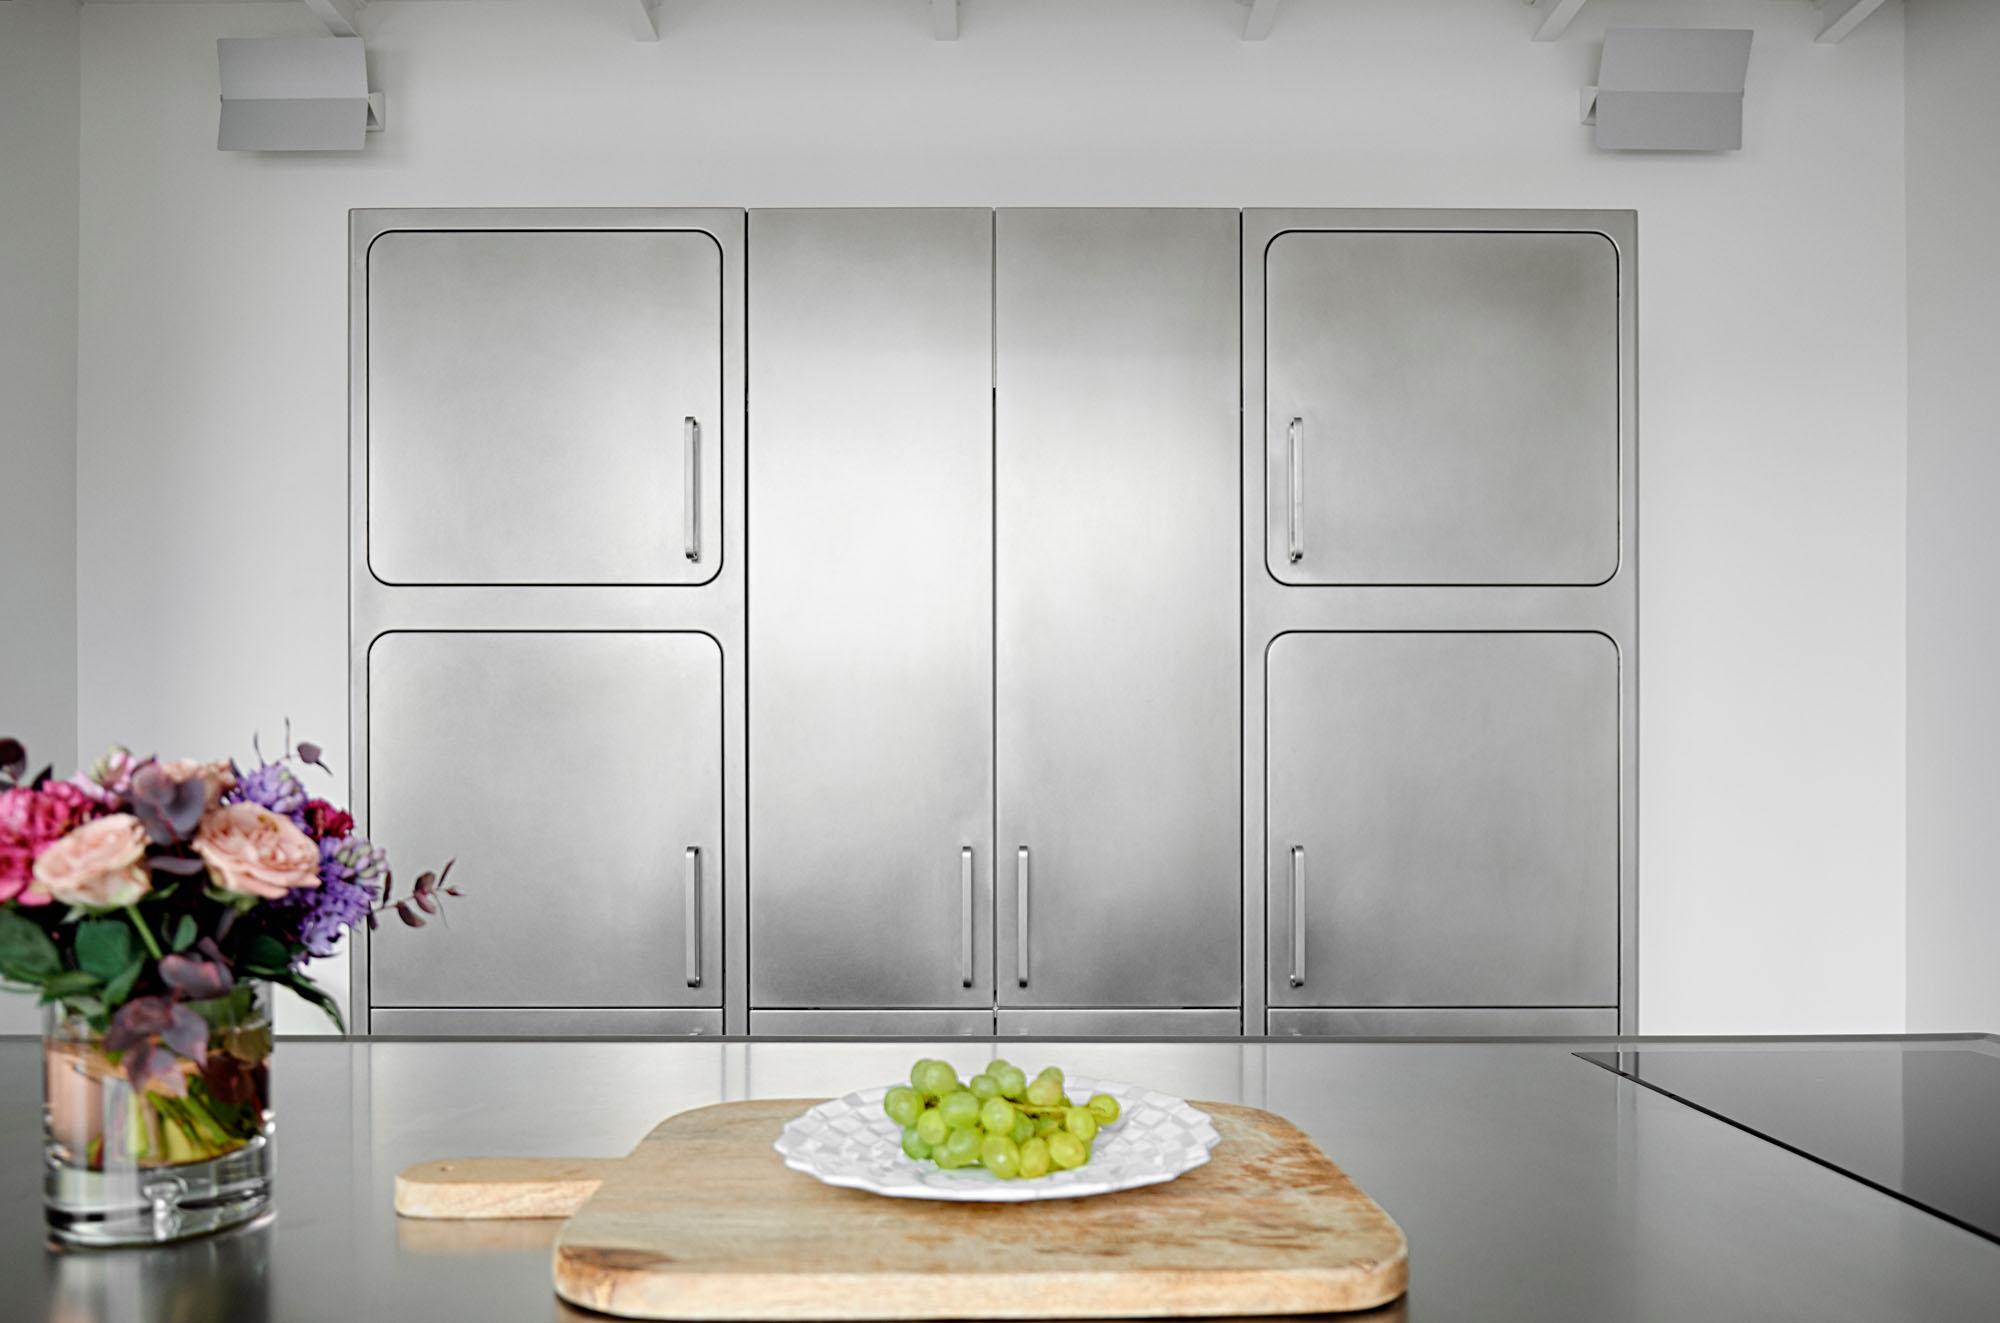 Шкафы у стен так же выполнены из нержавеющей стали